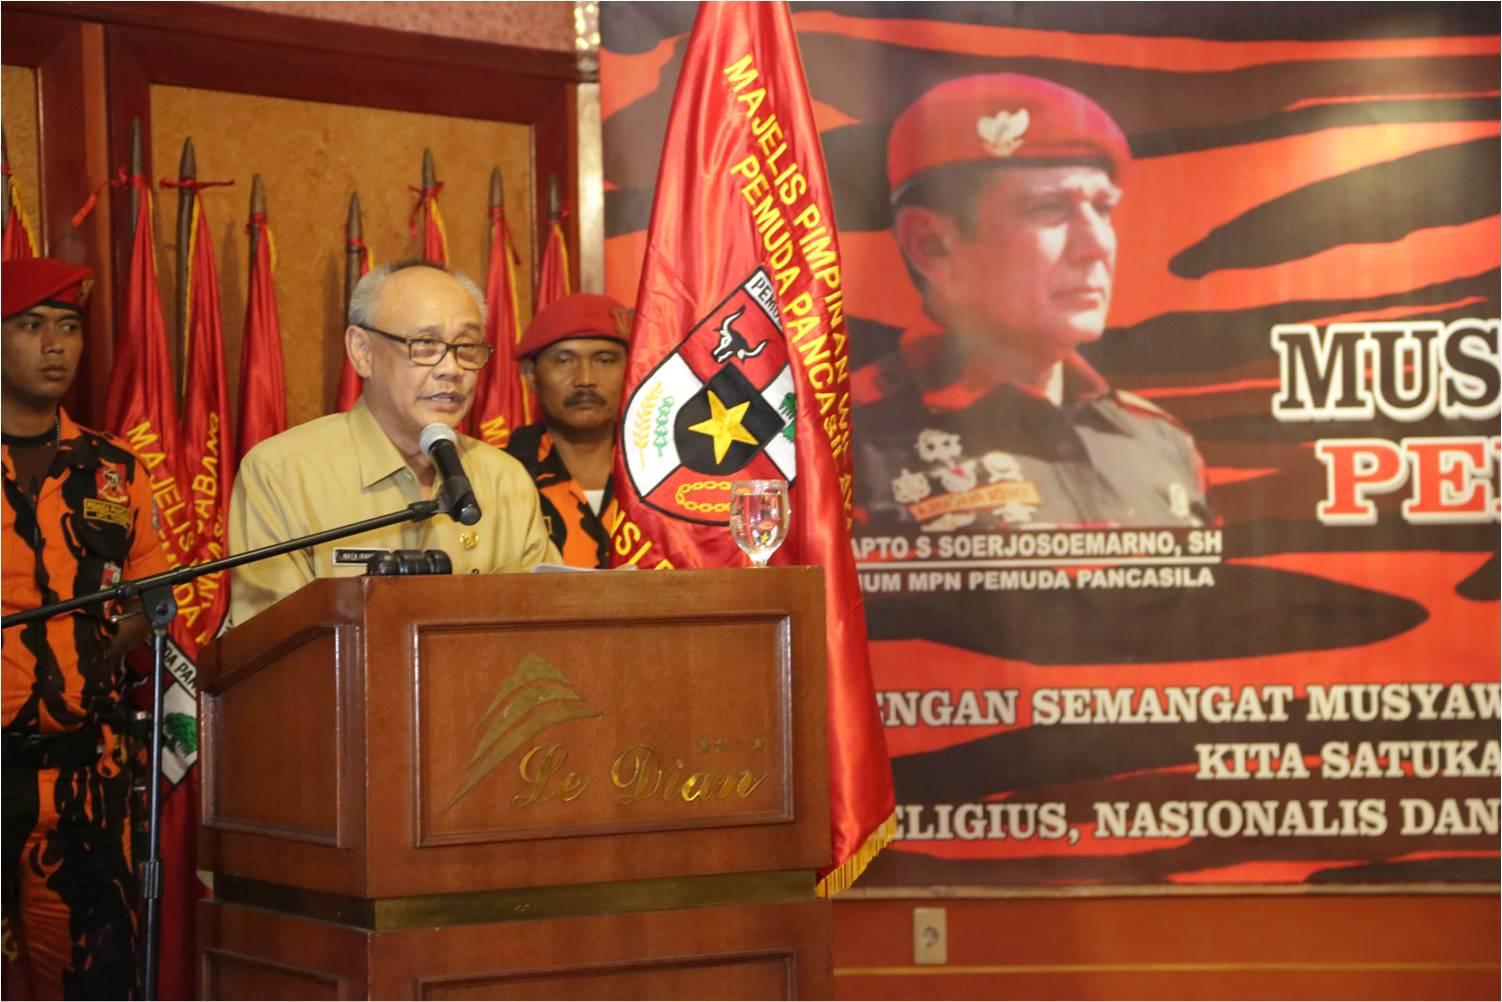 Pemuda Pancasila Banten Gelar Muswil